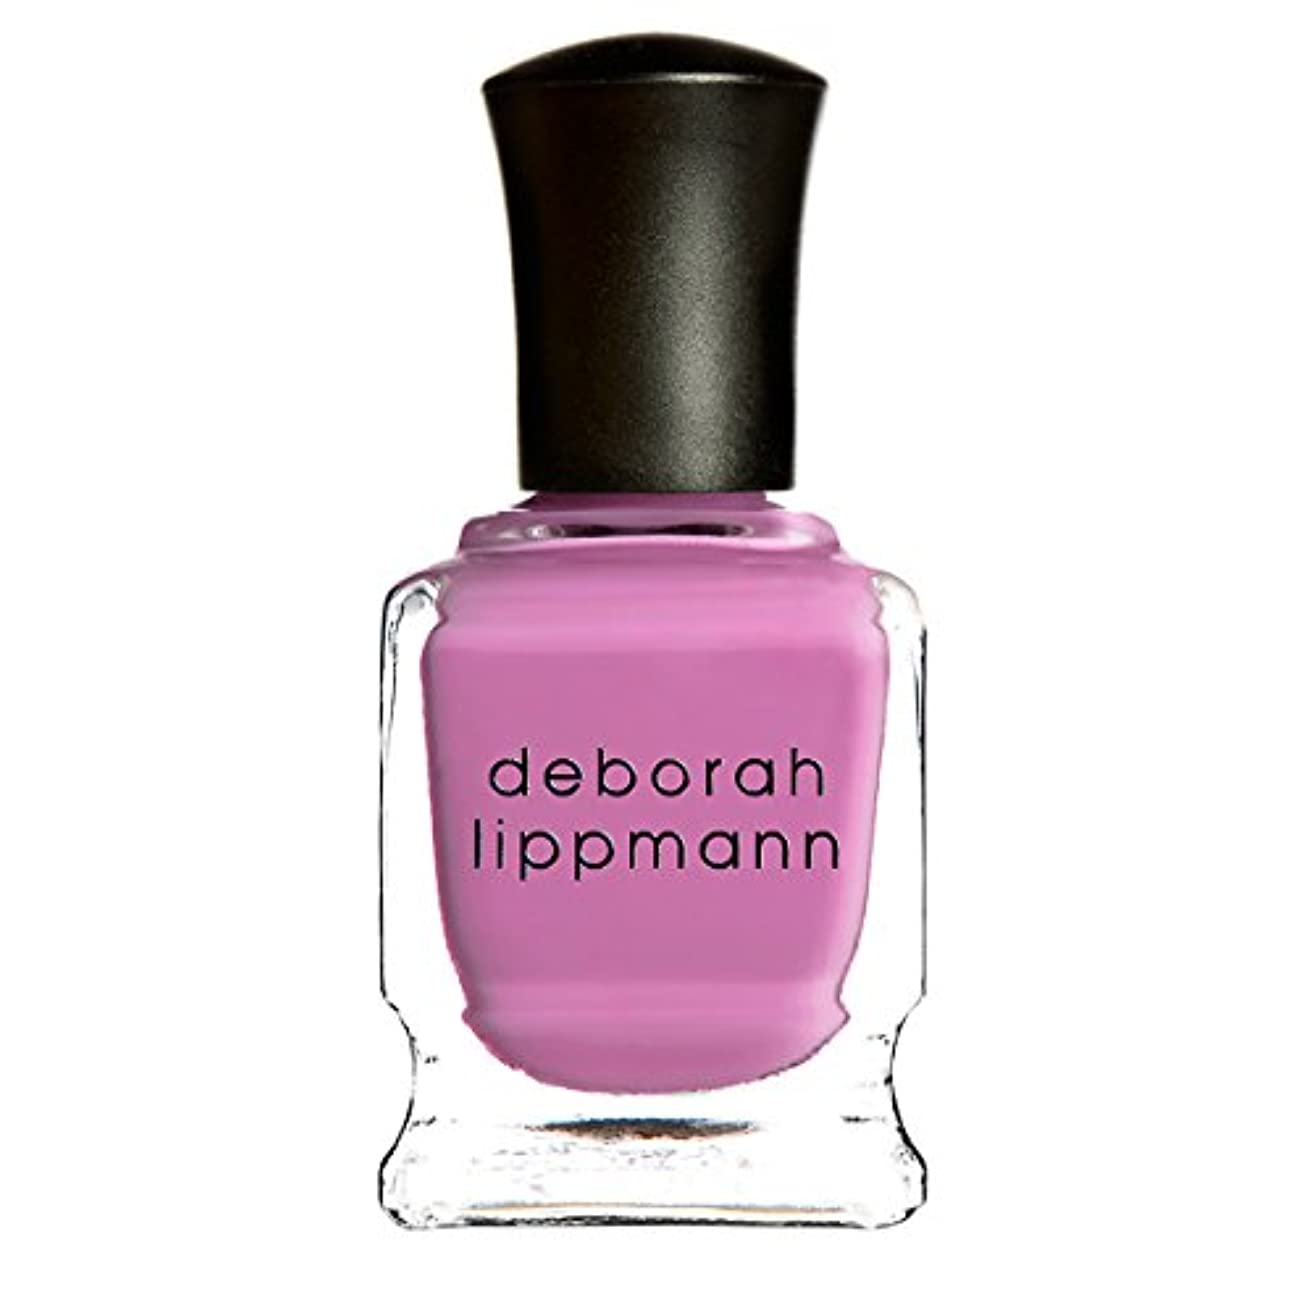 肖像画静けさ祝福する[Deborah Lippmann] デボラリップマン ミニ ポリッシュ ネイルポリッシュ ピンク系 「シーバップ 」 8 ml 【デボラリップマン】 SHE BOP【deborah lippmann】